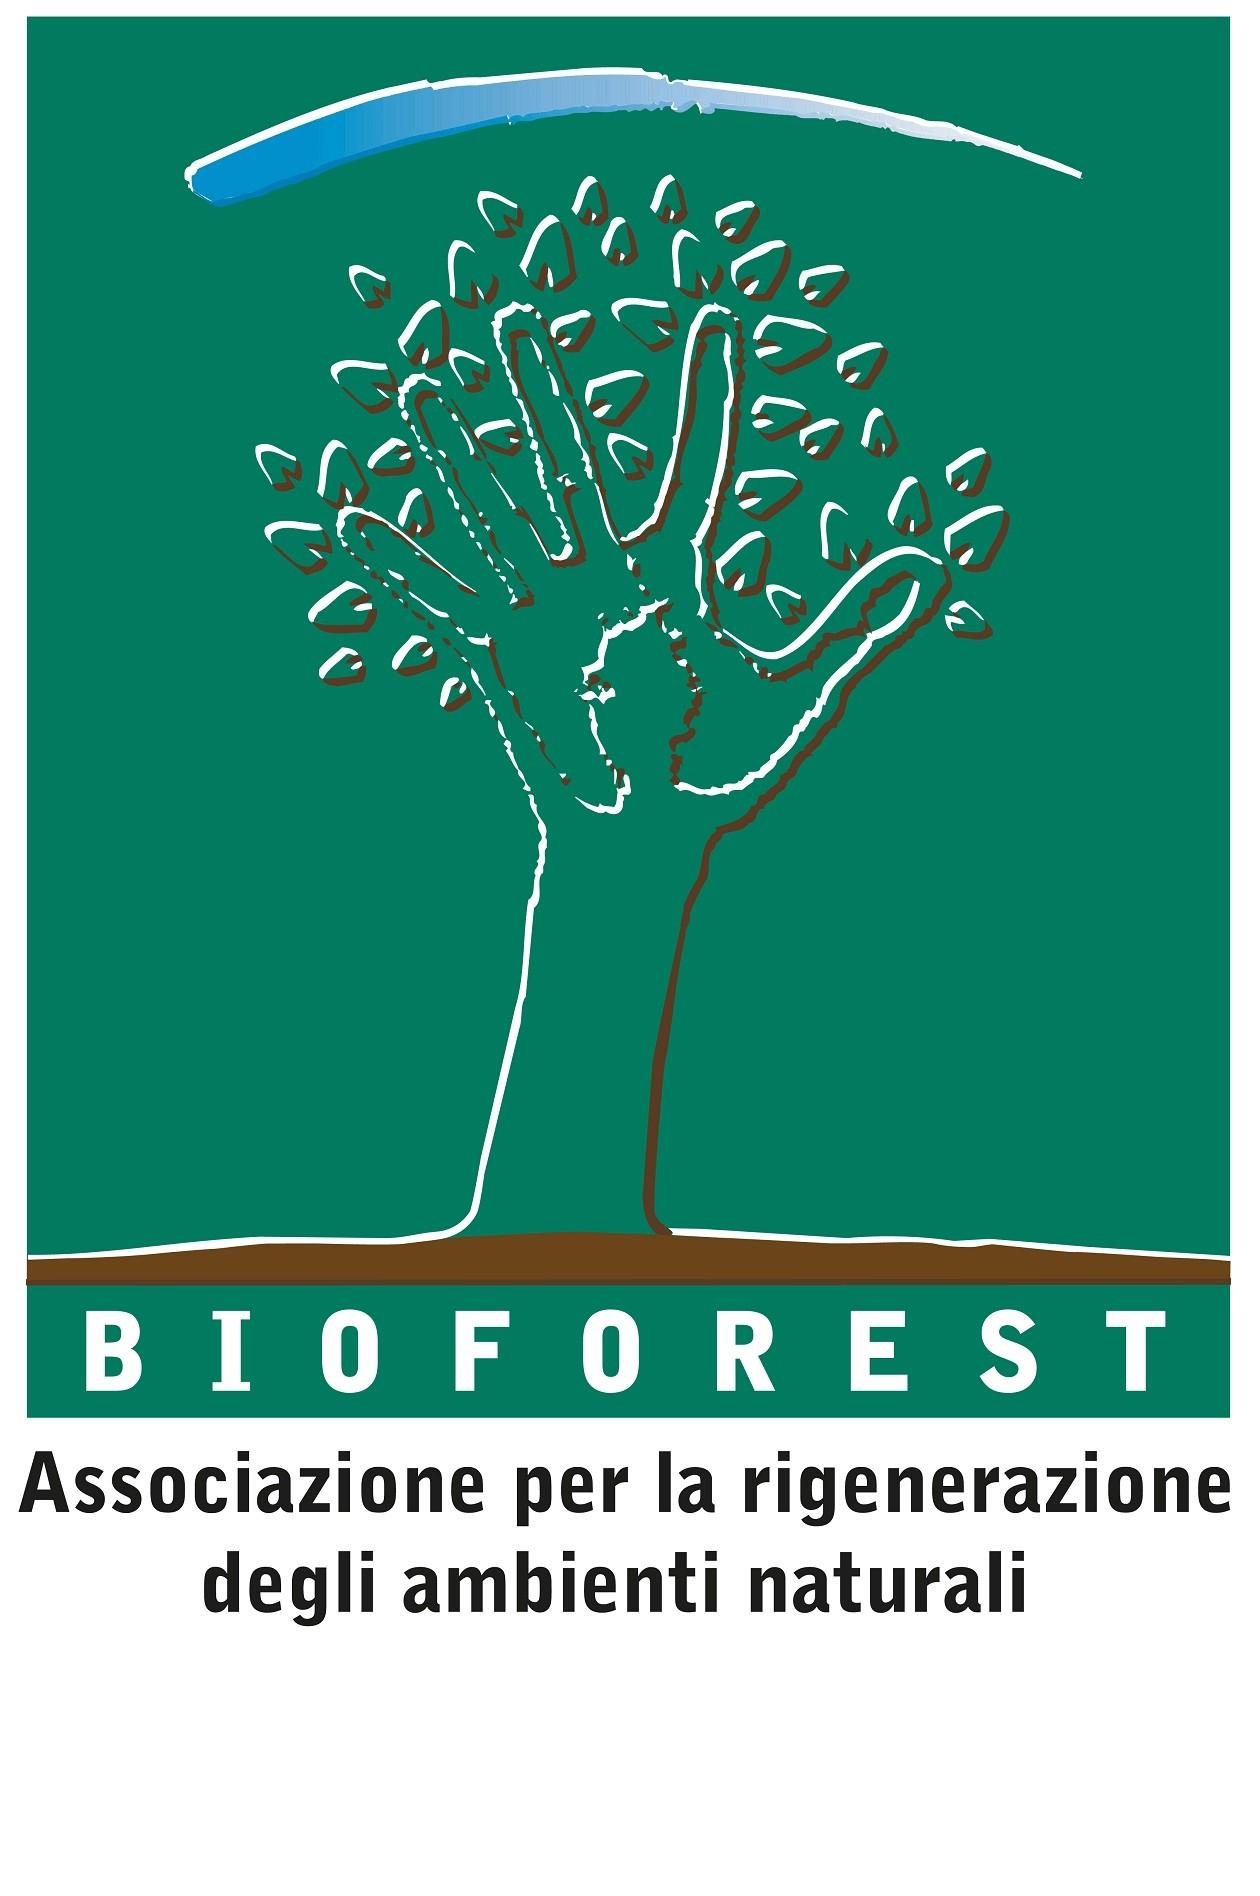 Bioforest